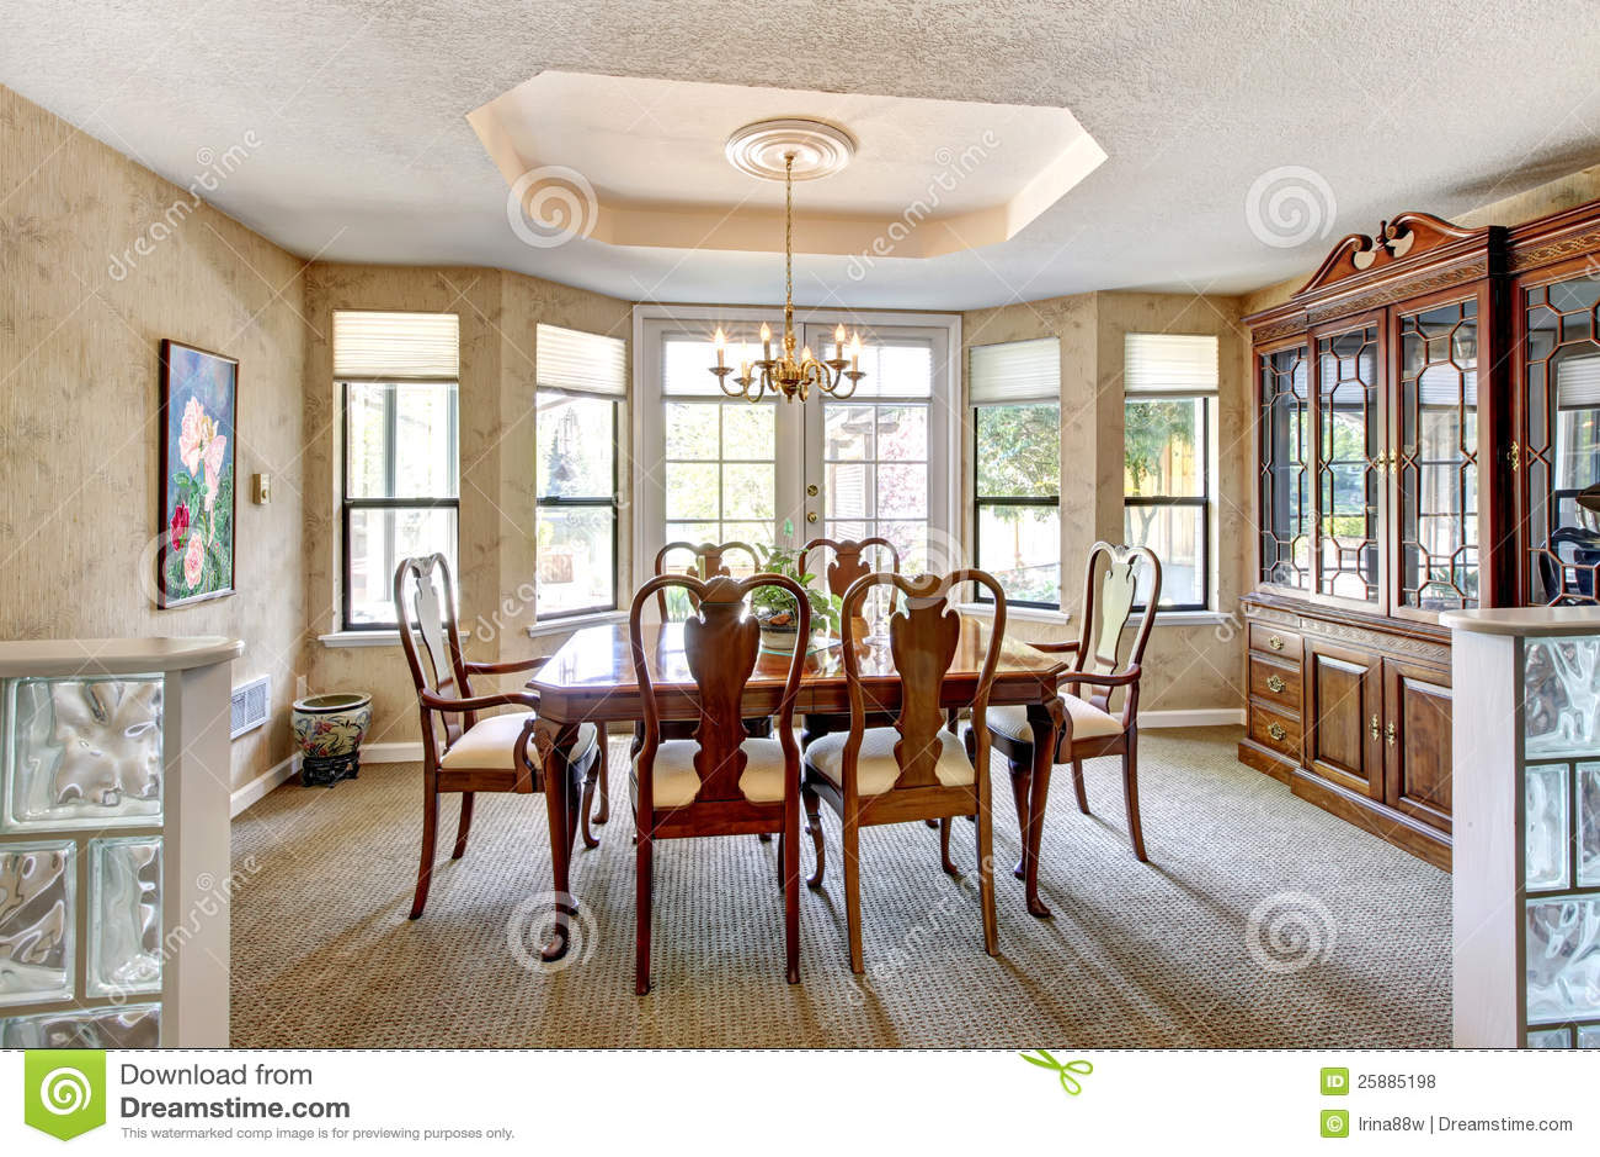 Comedor Elegante Con Muebles Antiguos. Foto de archivo - Imagen de ...